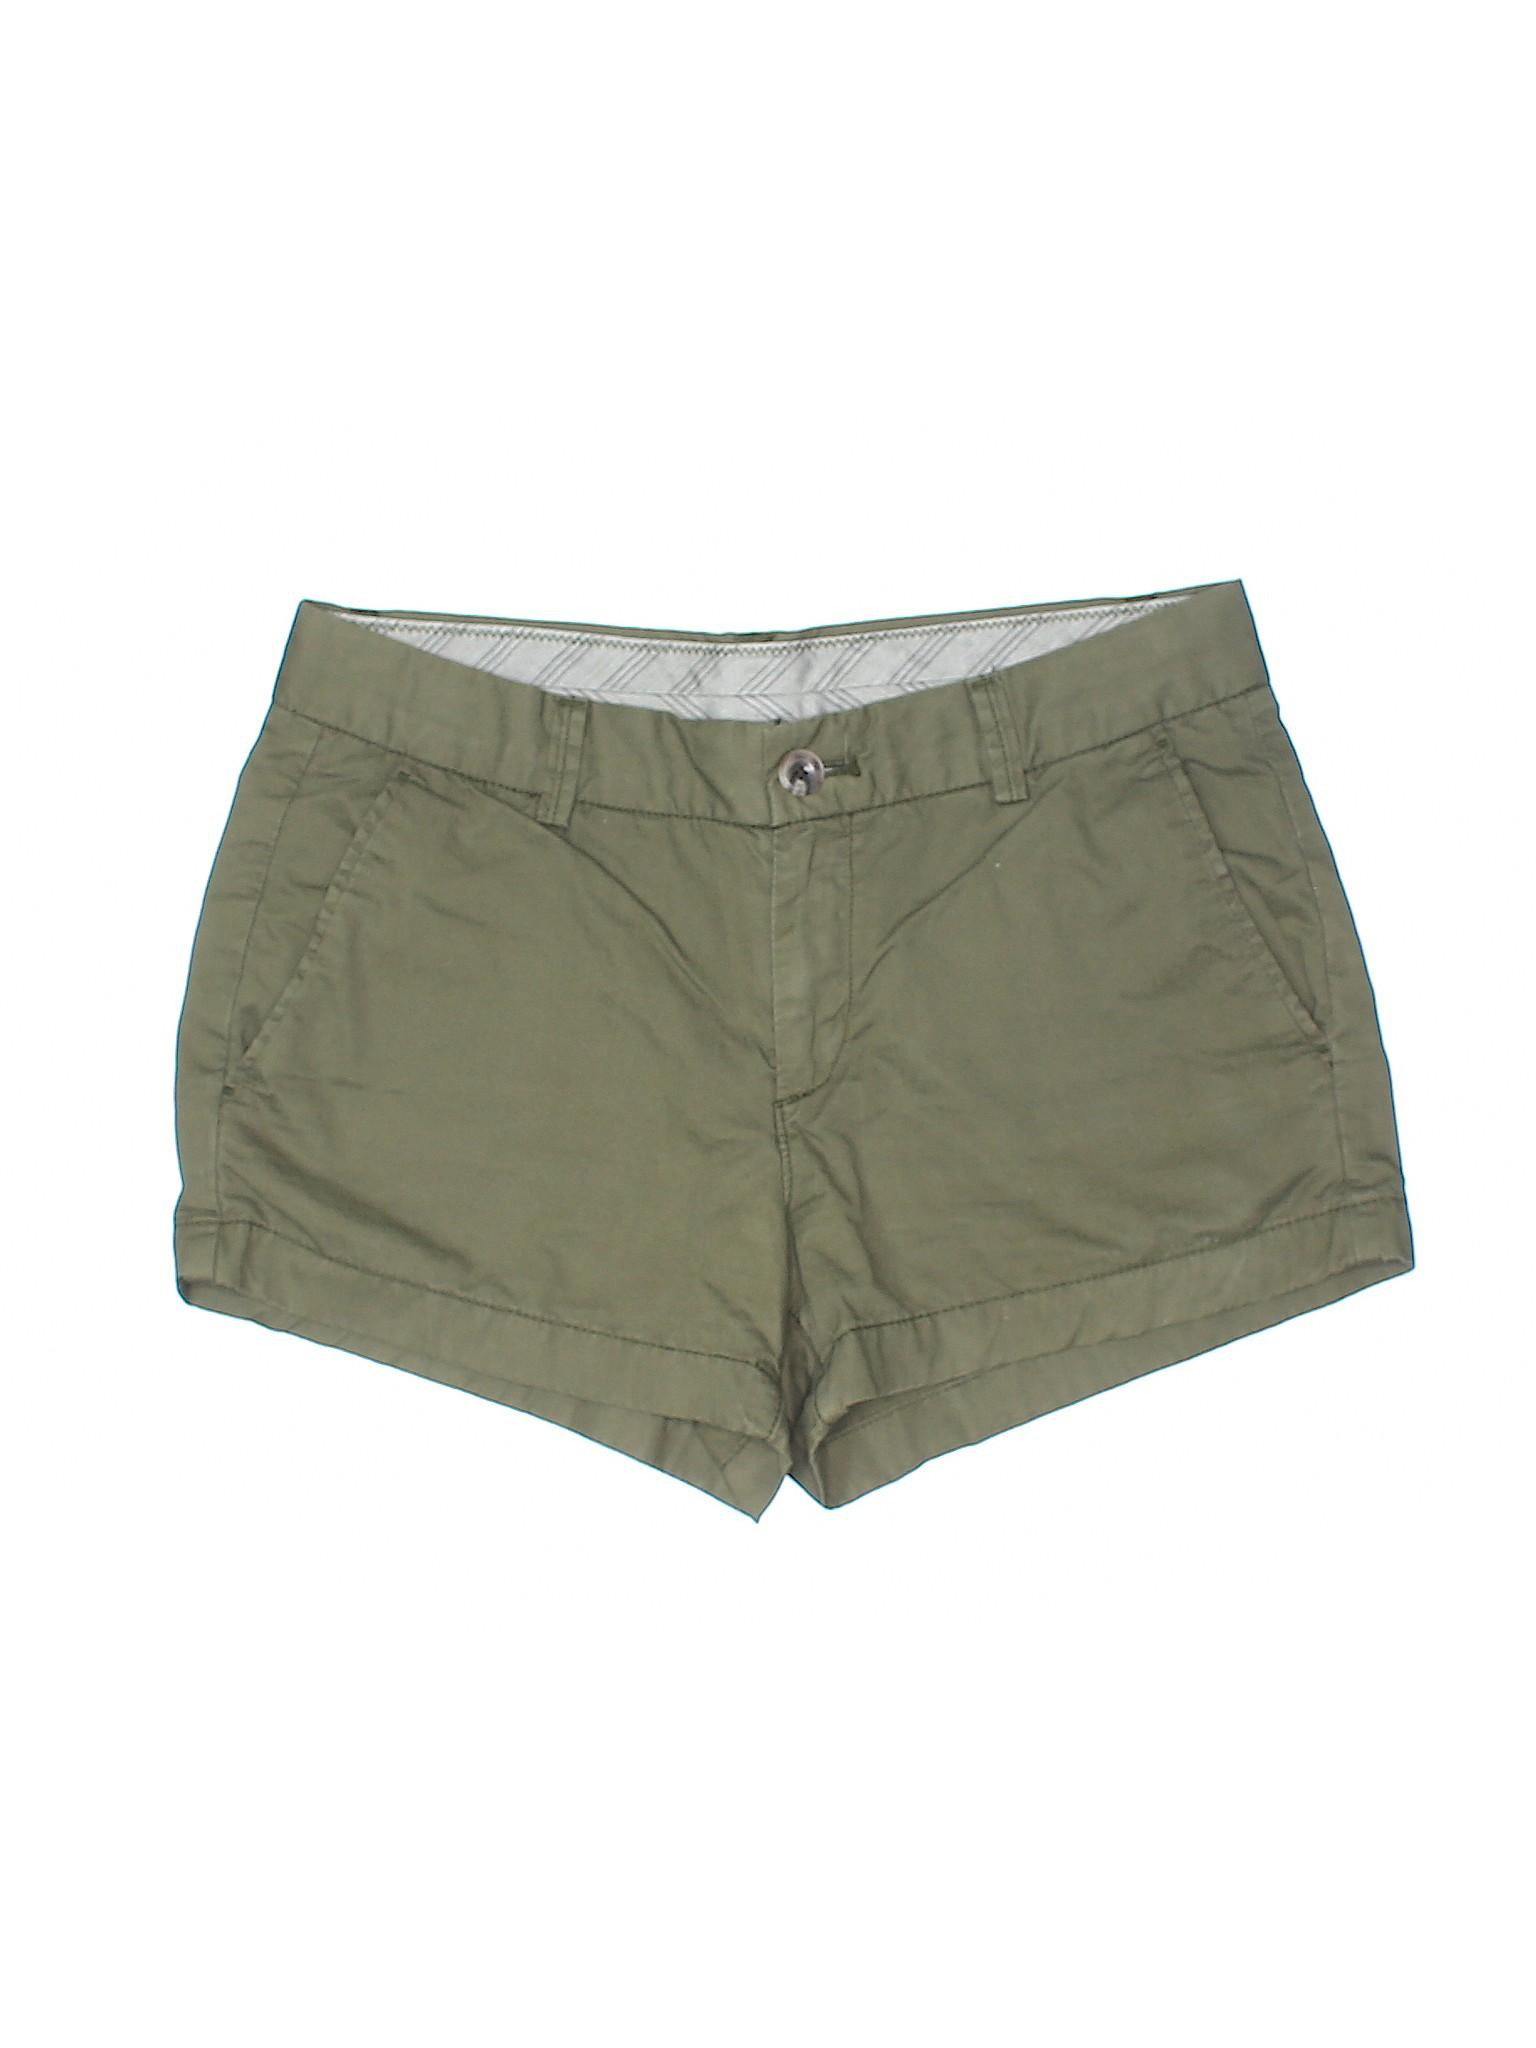 Boutique Khaki Boutique Khaki Shorts Uniqlo Uniqlo Shorts w0PXrtqXE